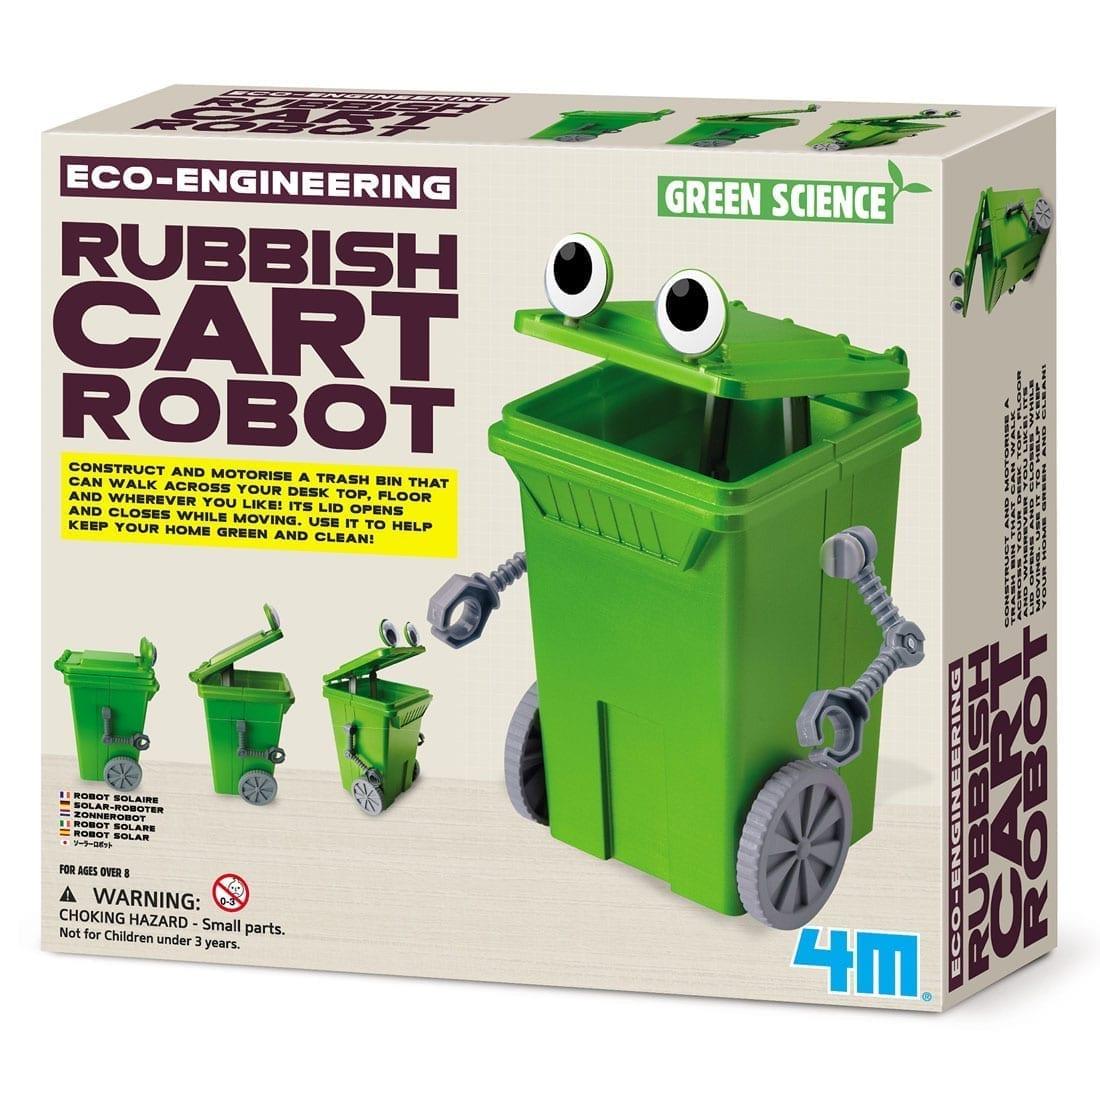 ערכה לבנייה רובוט עגלת אשפה מגניב DIY קיט מהנה לילד 4M